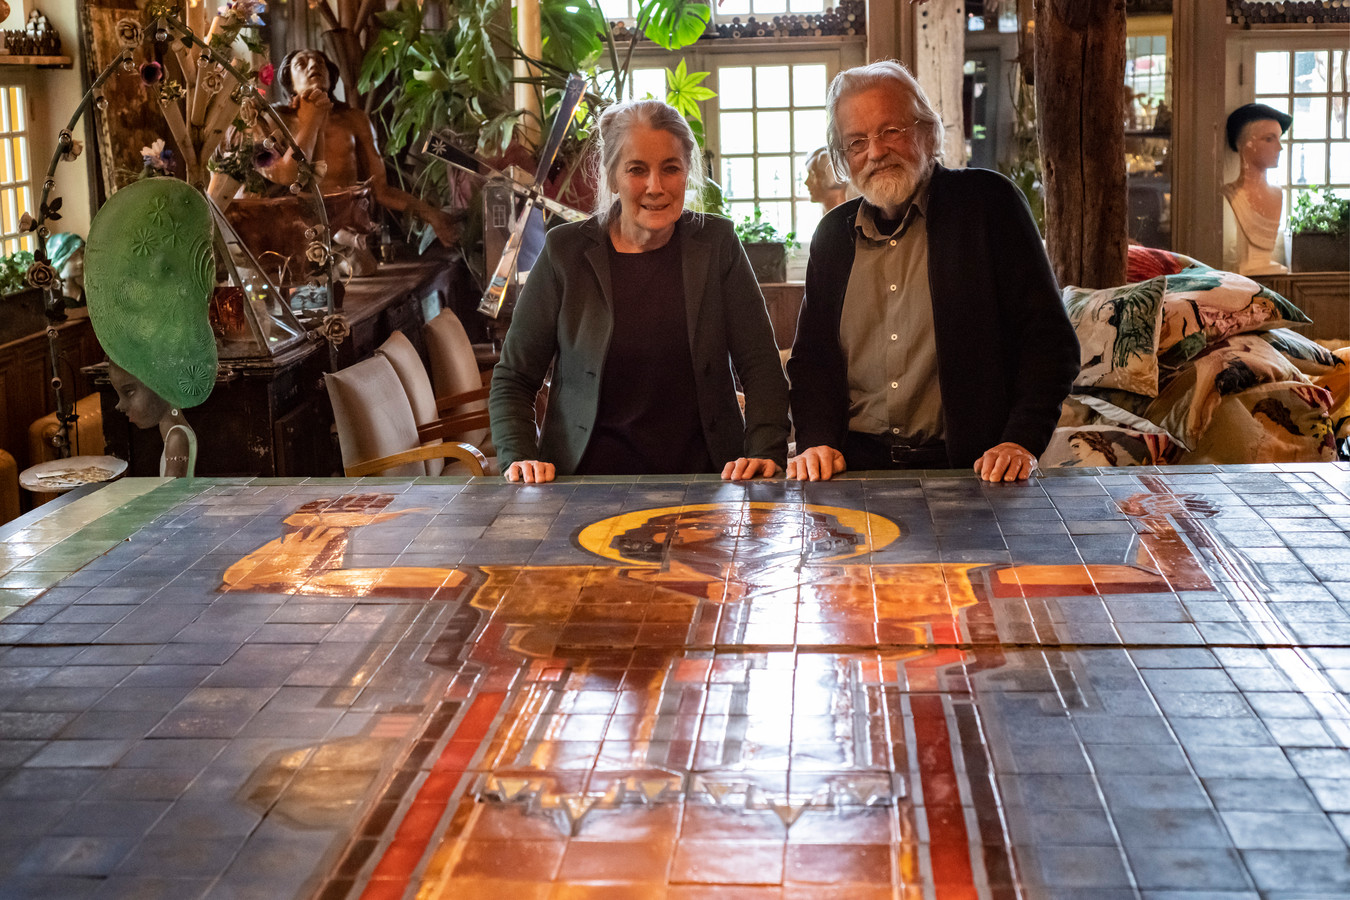 Marcel en Angèle van Riel puzzelden het tegeltableau van Johannes de Doper in elkaar.